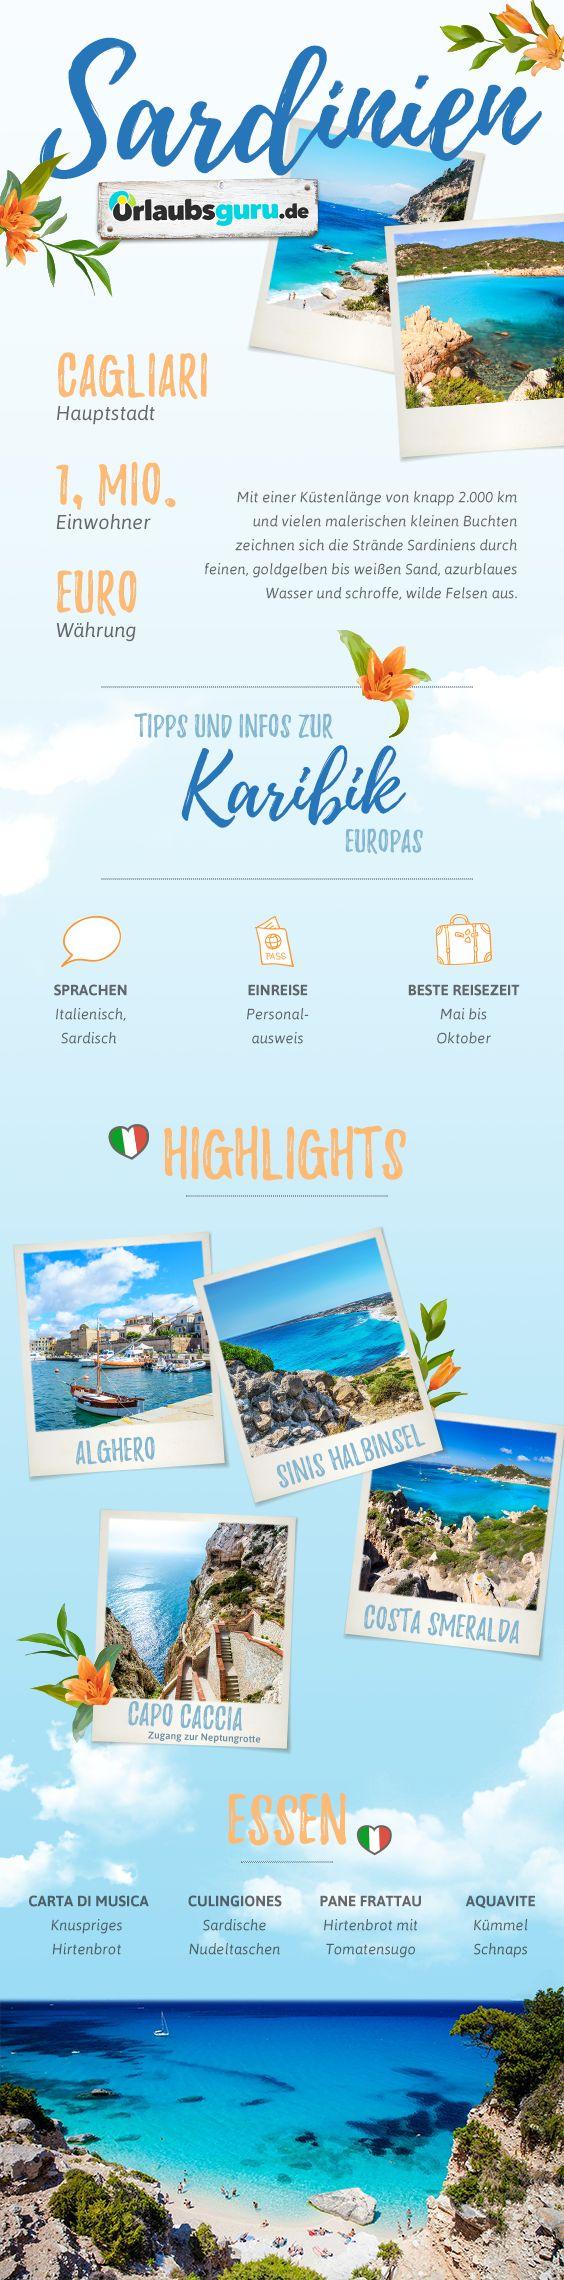 Kommt mit mir nach Sardinien, der Karibik Europas! In meinen Sardinien Tipps zeige ich euch die schönsten Orte der Insel, die besten Strände und die leckersten Gerichte Sardiniens. Lasst euch inspirieren!